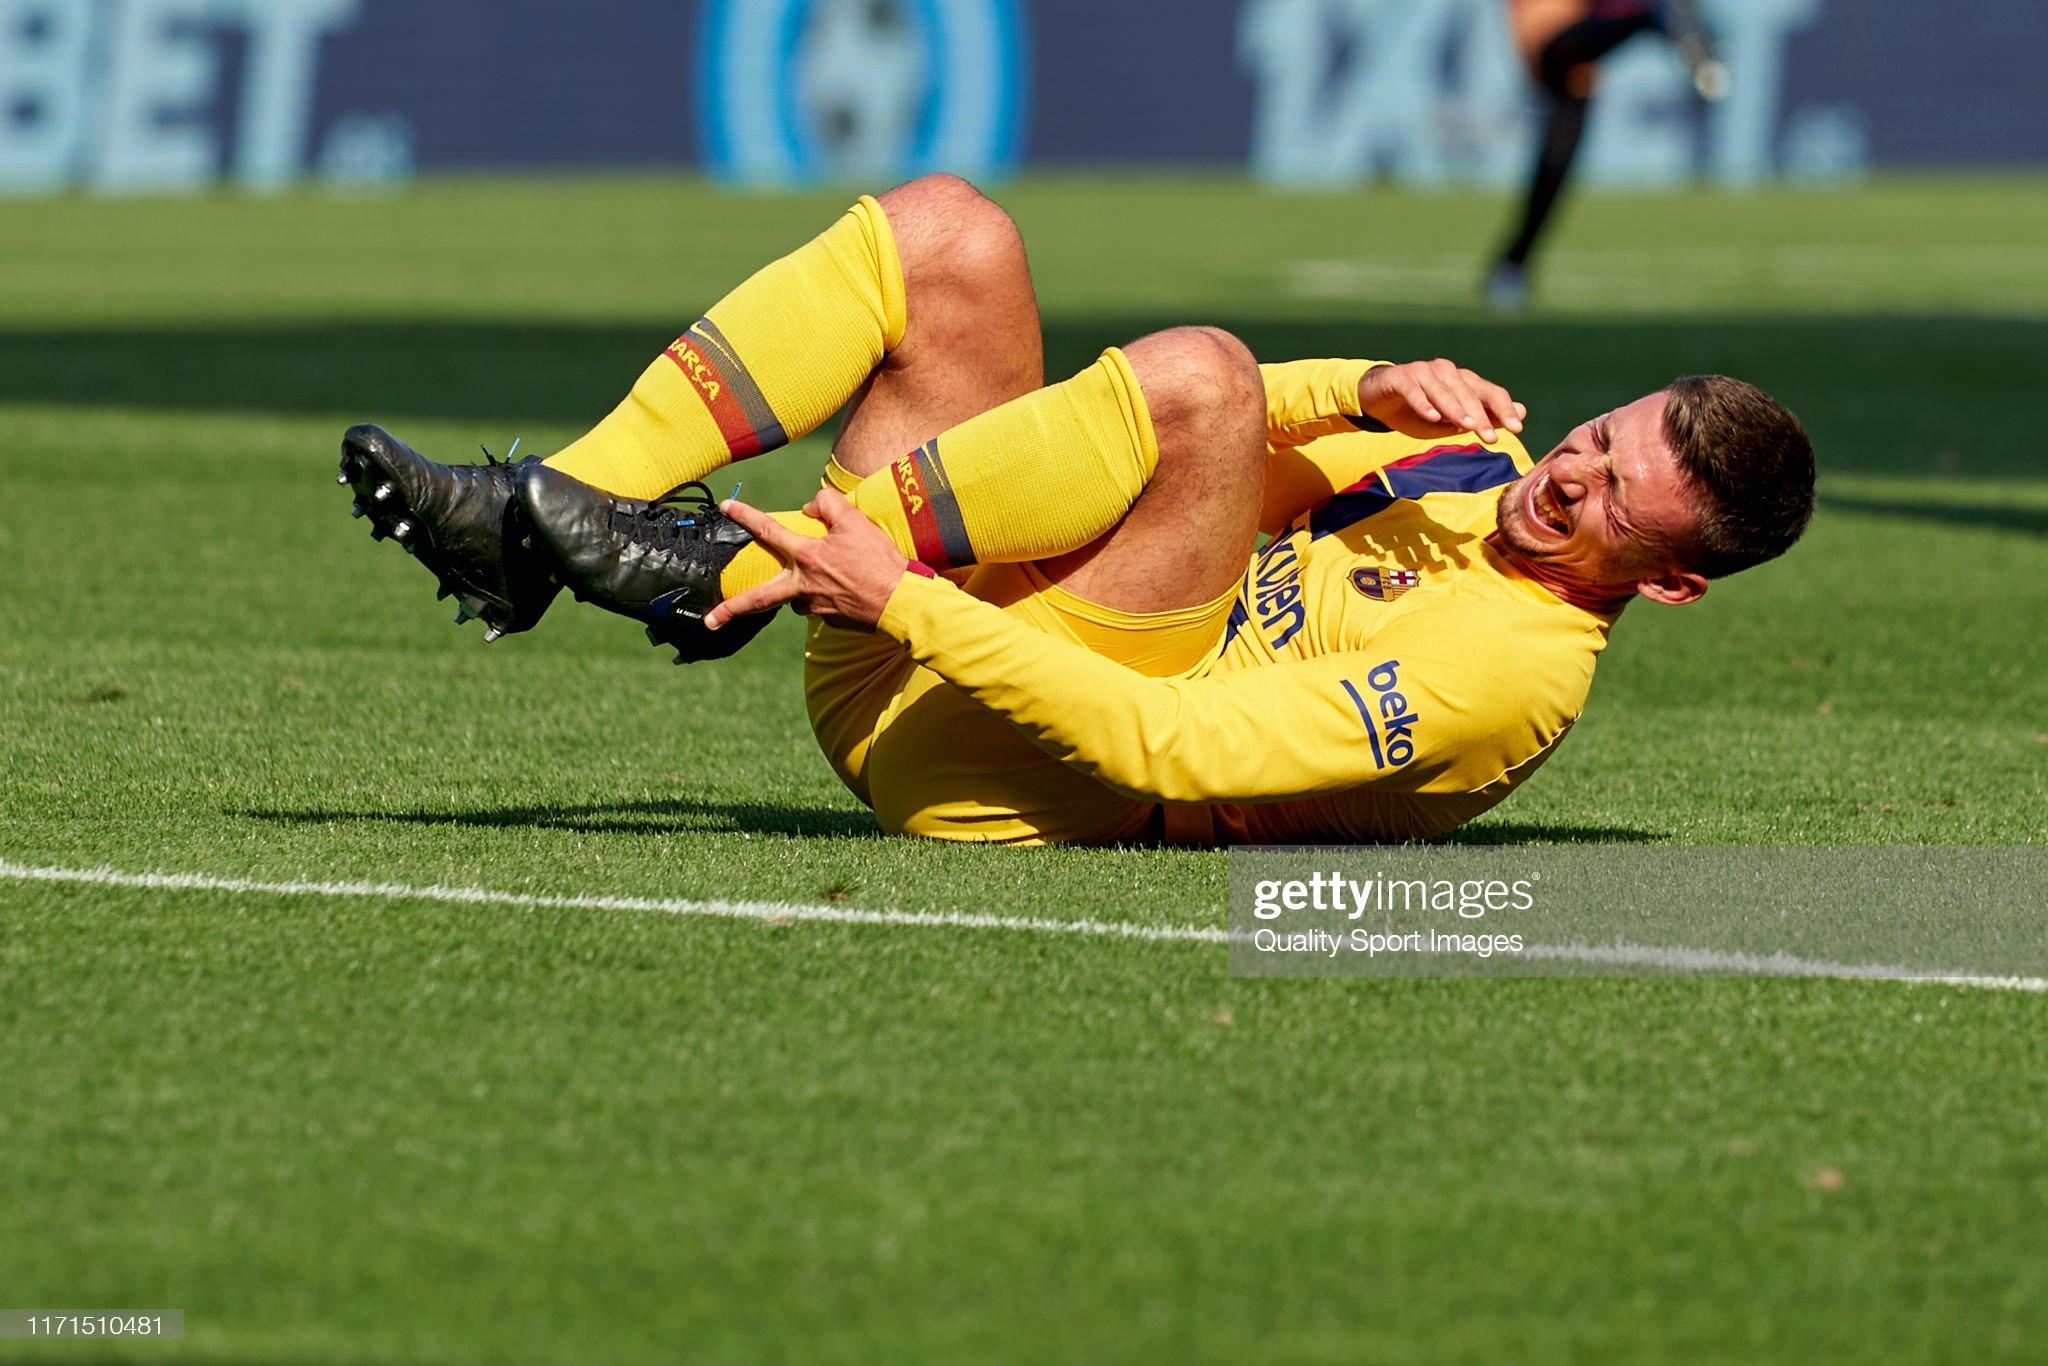 صور مباراة : أوساسونا - برشلونة 2-2 ( 31-08-2019 )  Clement-lenglet-of-fc-barcelona-over-the-pitch-injured-during-the-picture-id1171510481?s=2048x2048